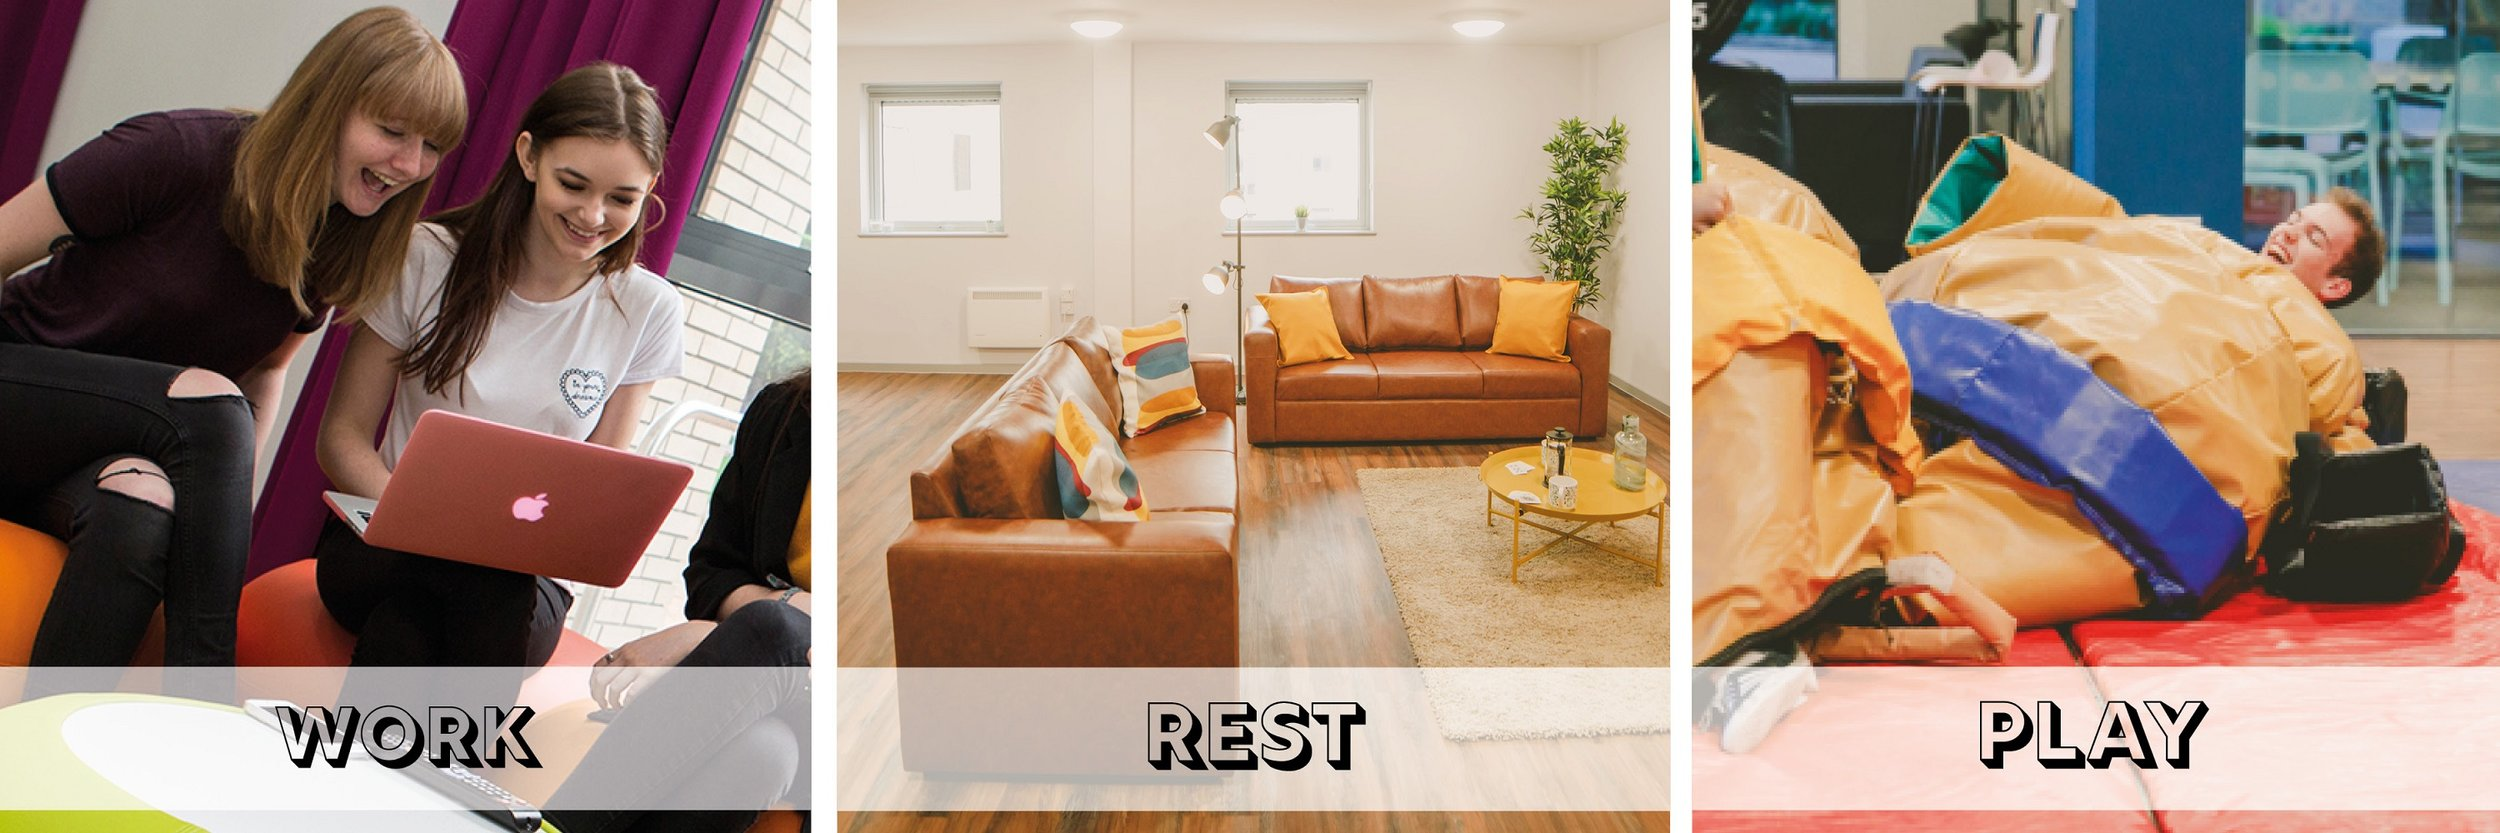 work rest play web banner - new 030818 v2.jpg